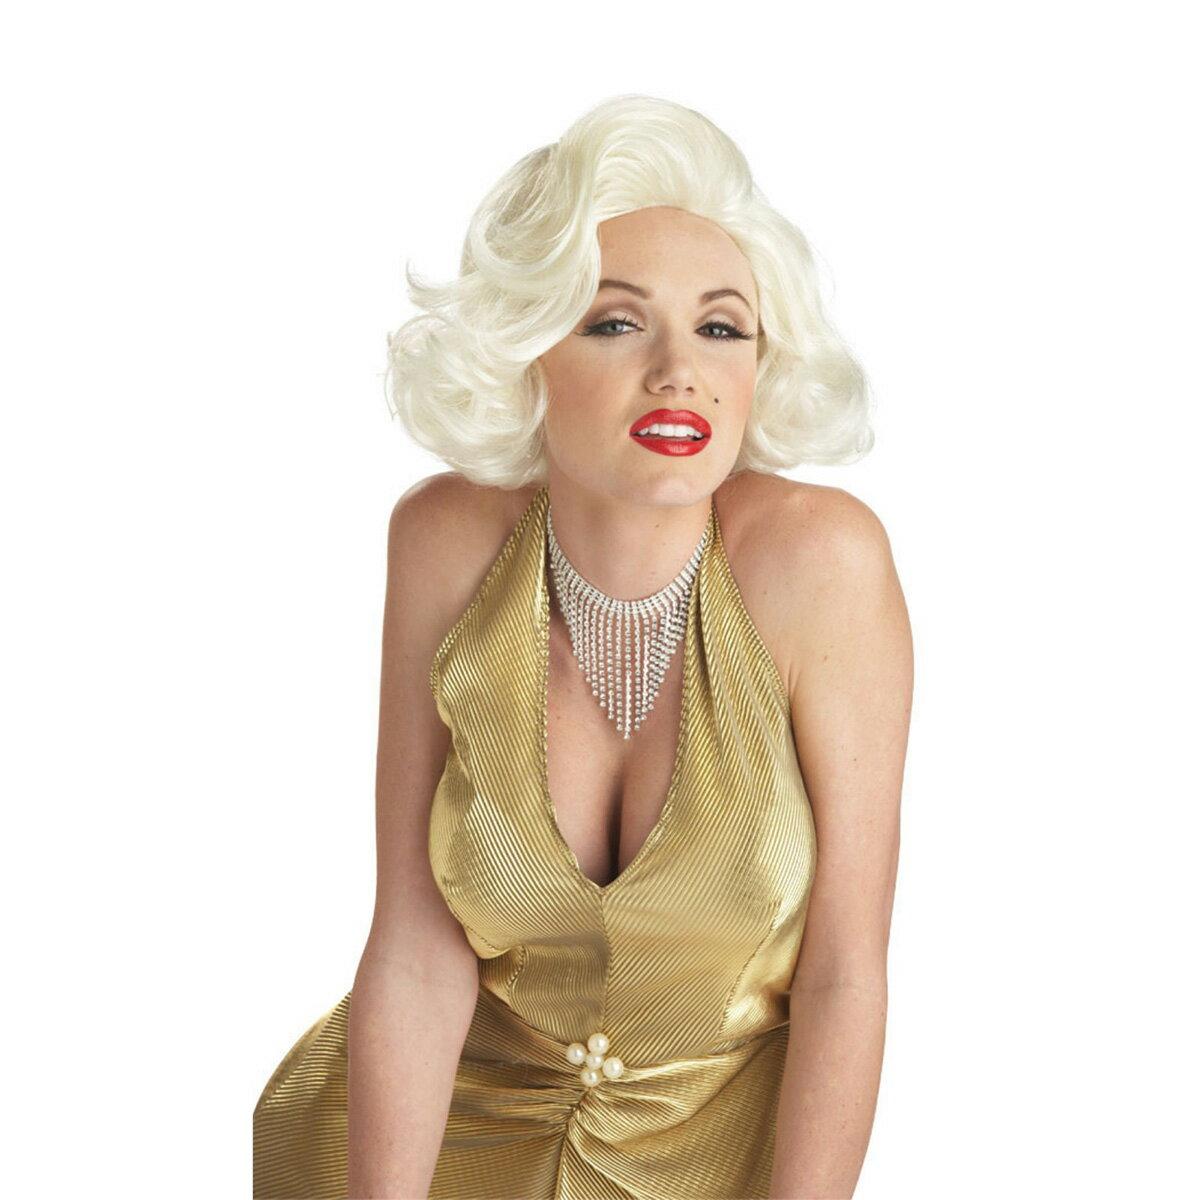 マリリンモンロー ウィッグ かつら 大人 女性用 海外 歌手 有名人 女優 コスプレ 仮装 グッズ